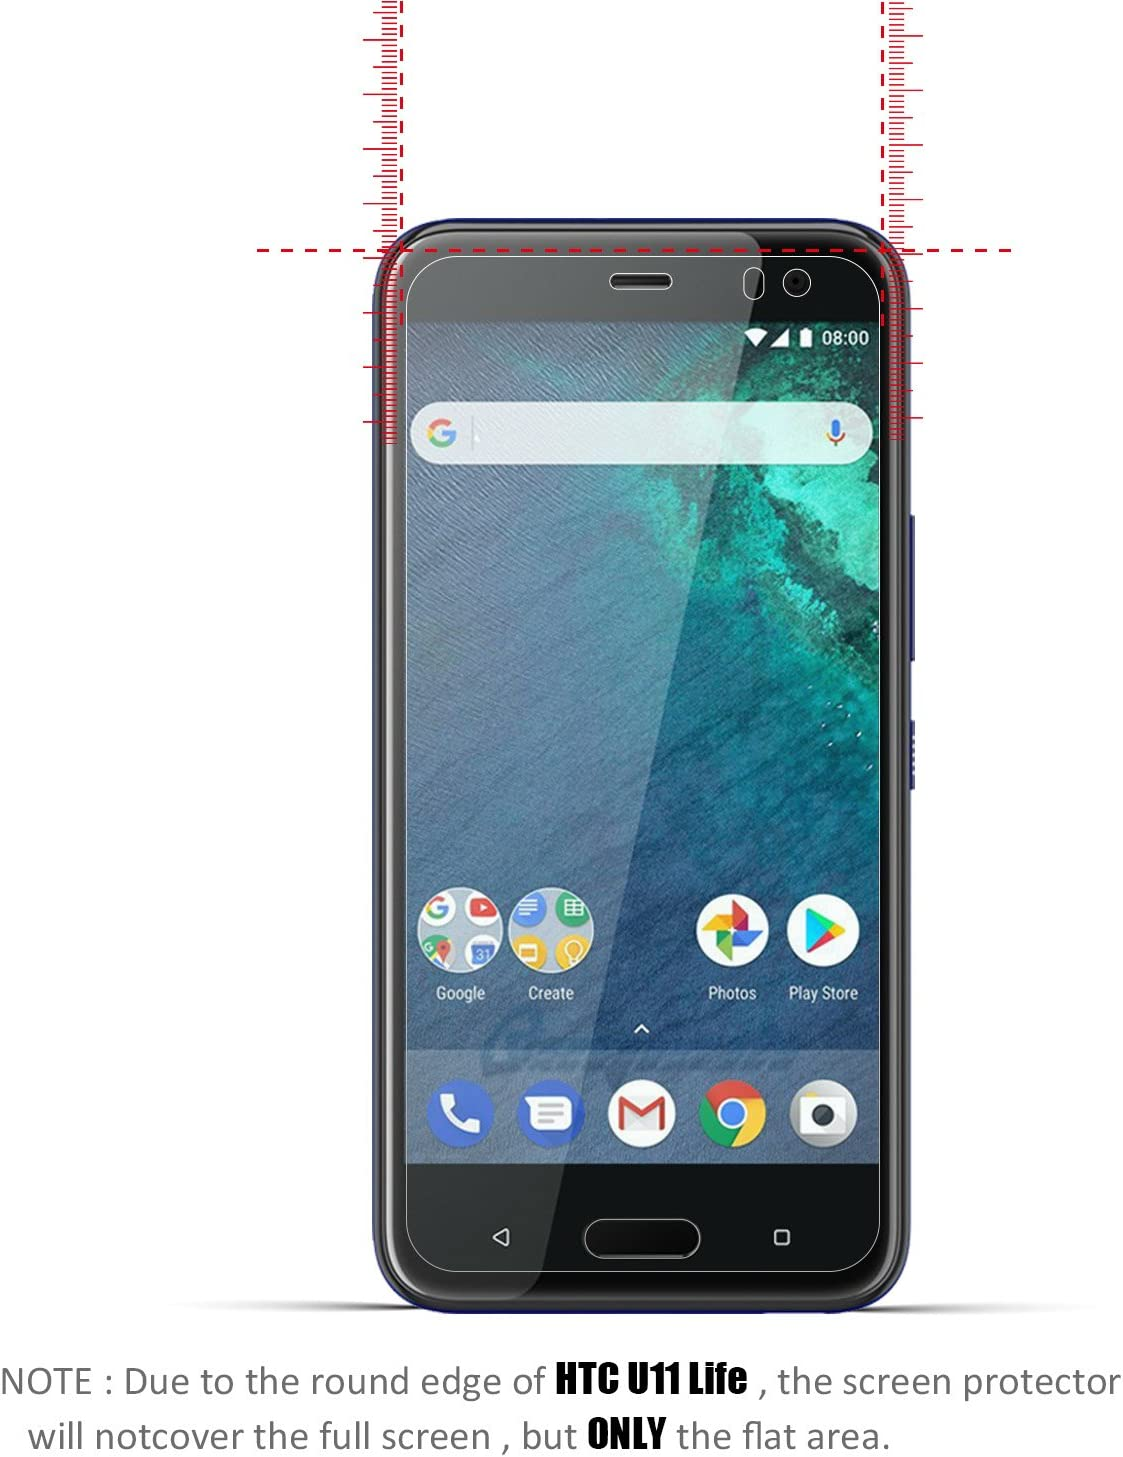 2-Paquetes] HTC U11 Life Protector de Pantalla, Beyeah Vidrio Templado con[9H Dureza] [Alta Definición] [Garantía de por vida] para HTC U11 Life: Amazon.es: Electrónica